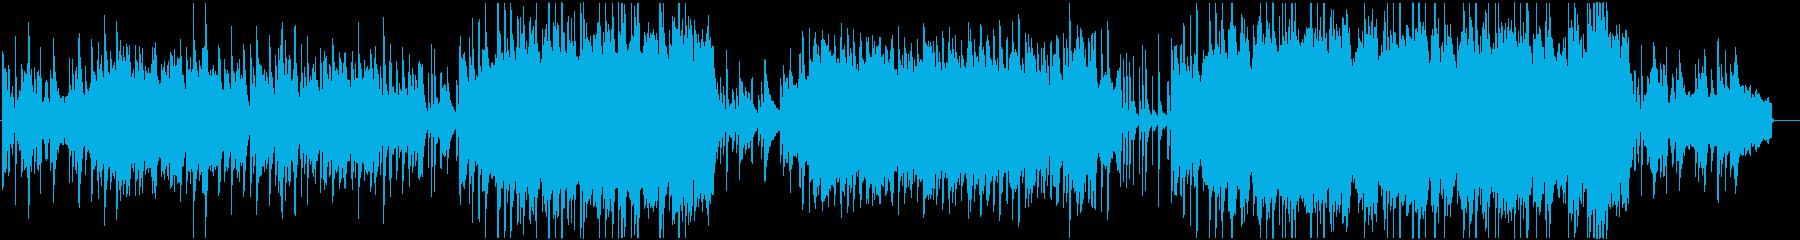 ピアノと弦楽器の寂しげなインスト曲の再生済みの波形